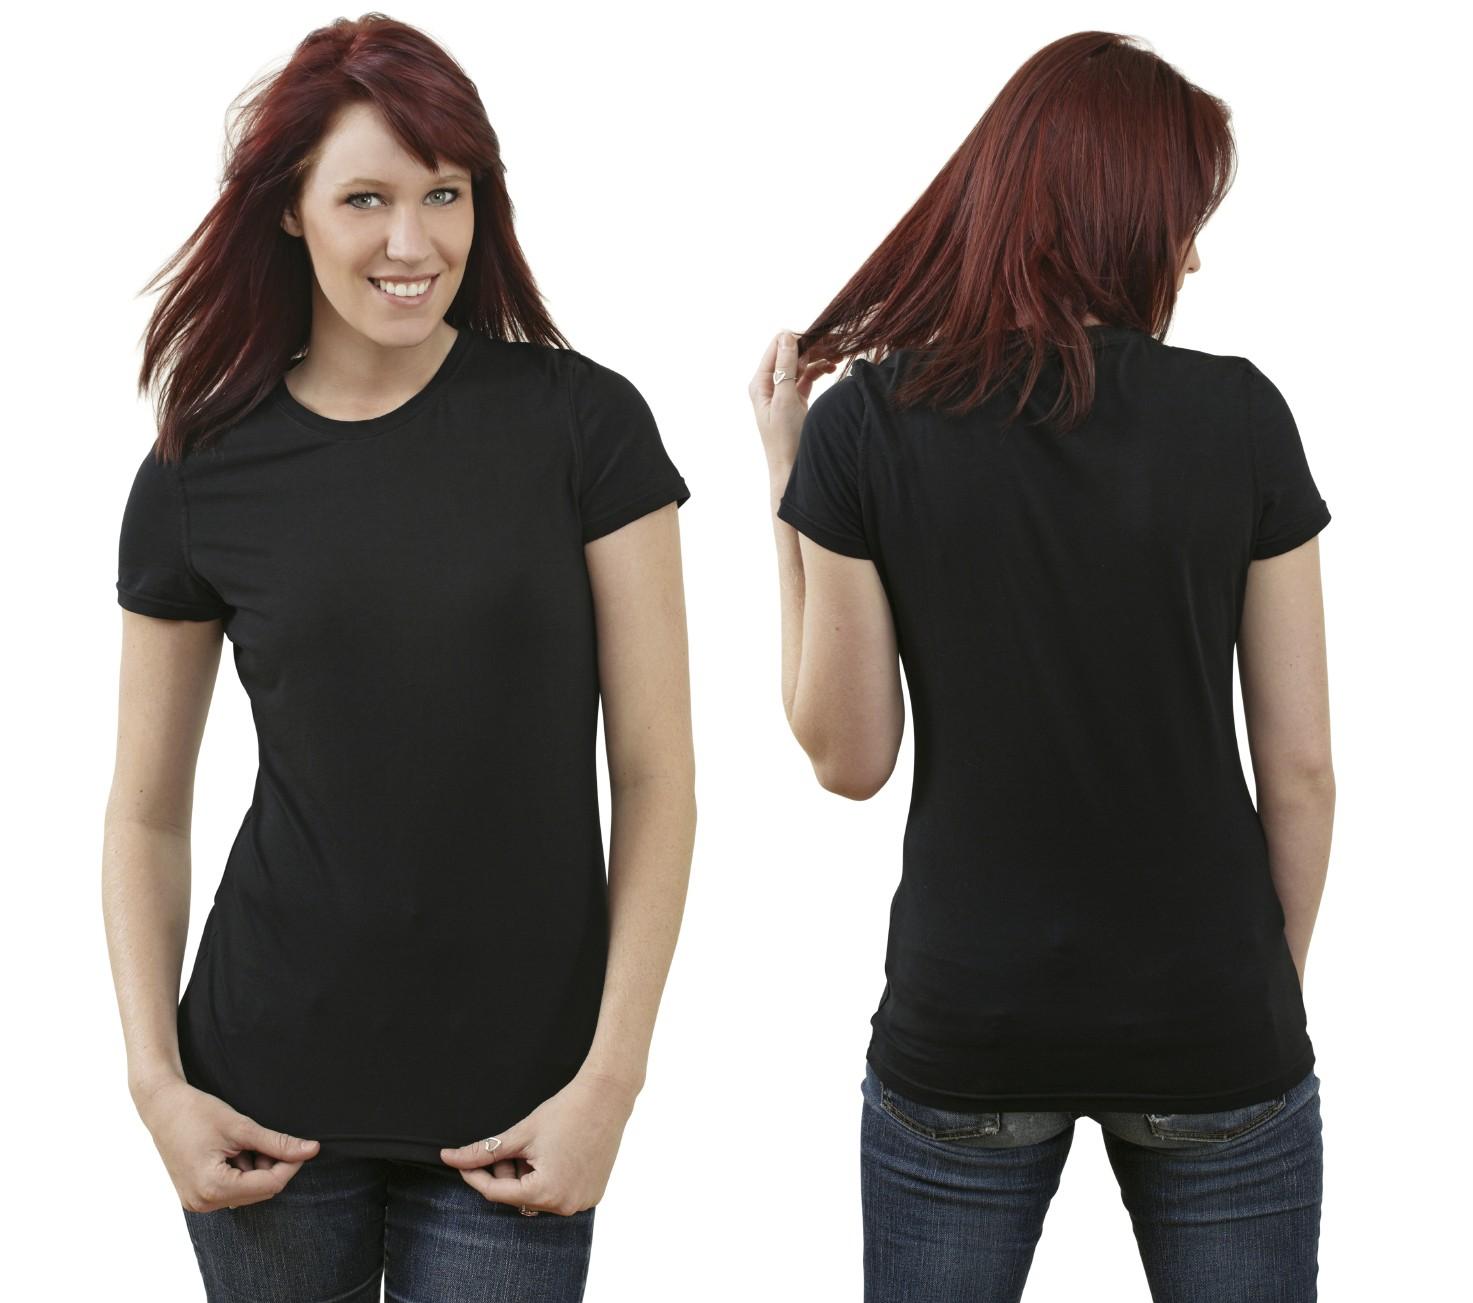 Girl in black t shirt